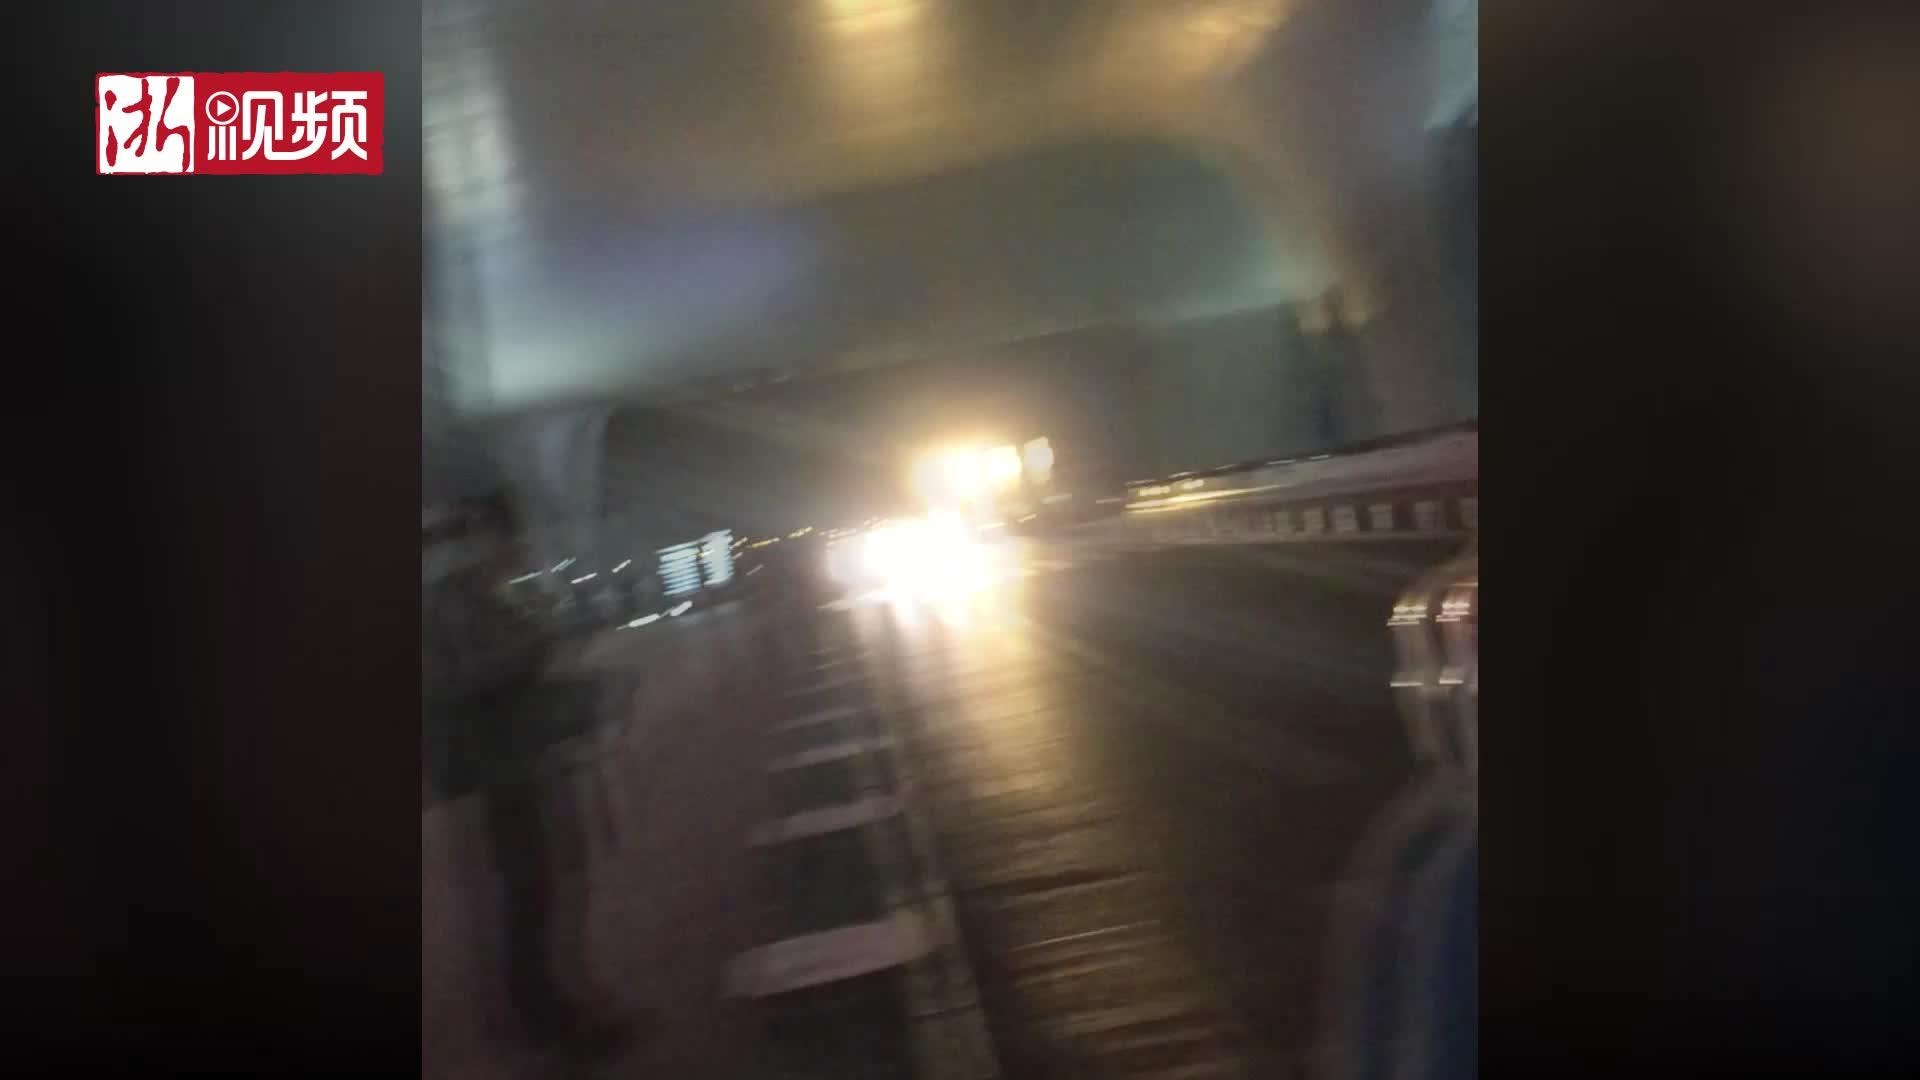 出租车翻着后盖逃避被拍 杭州东站的出租车还能更没规矩吗